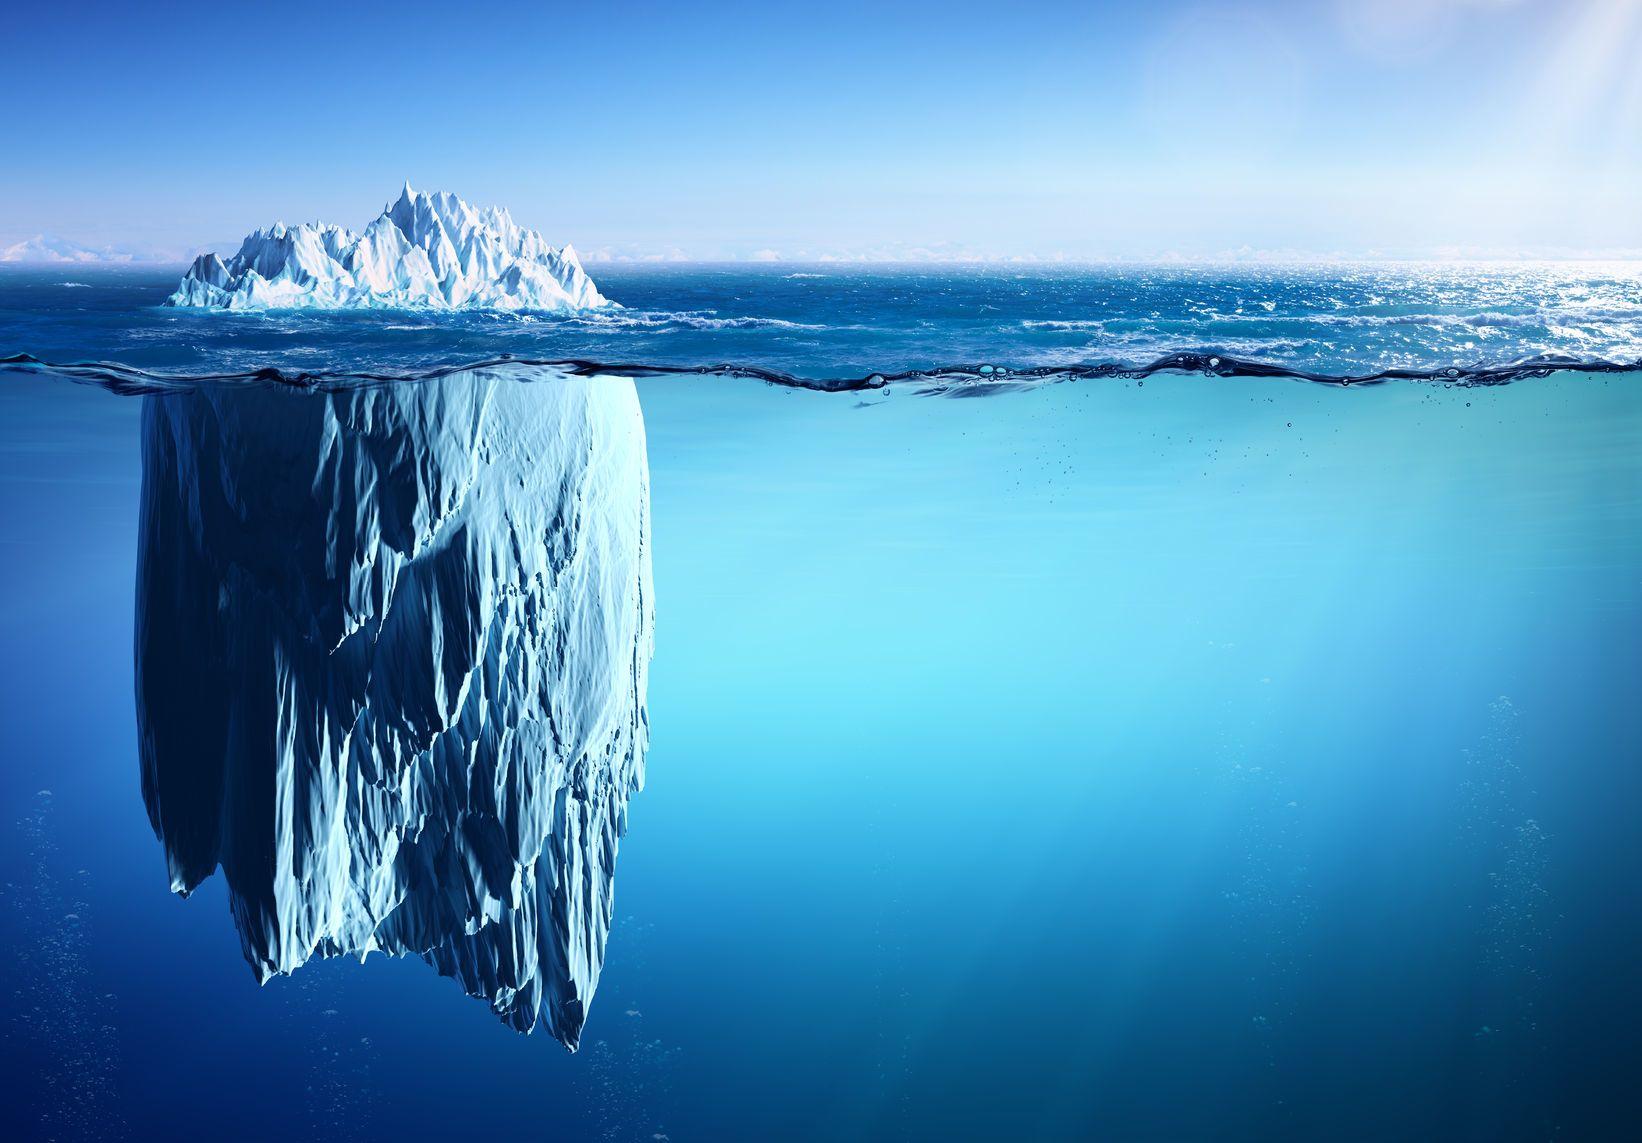 Subtext as an Iceberg